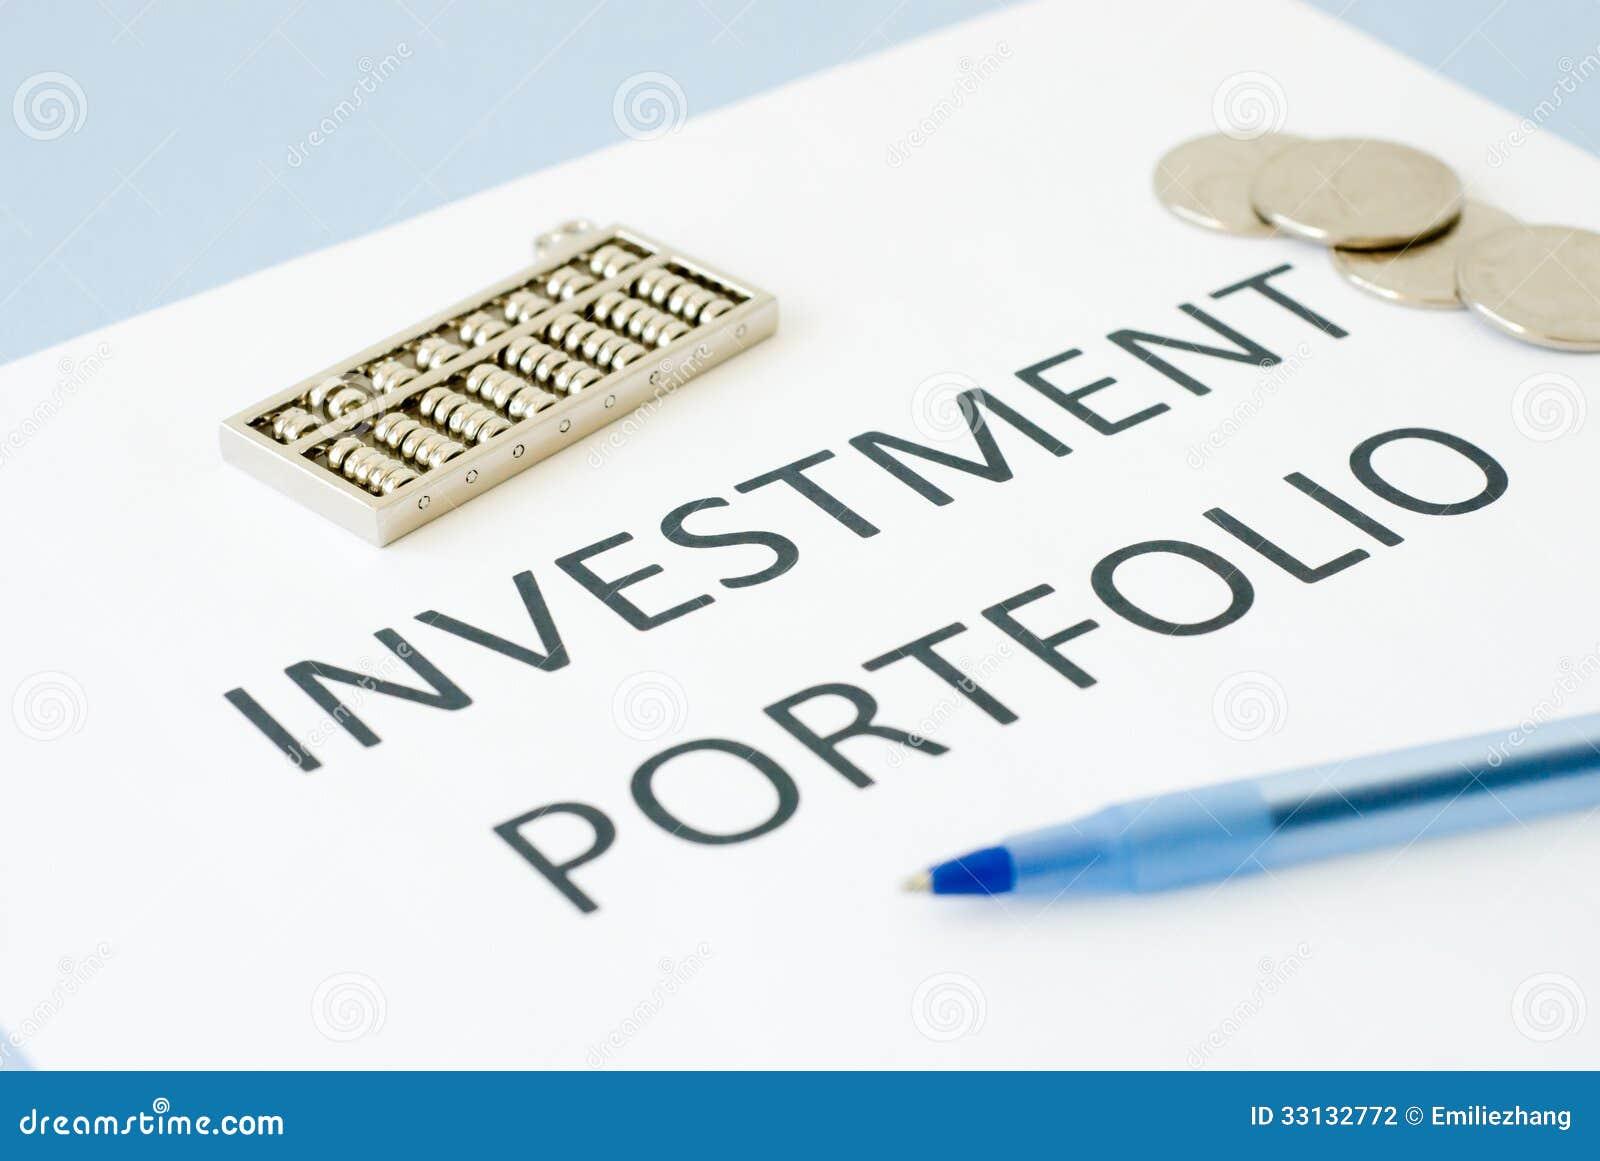 Understanding what is a portfolio